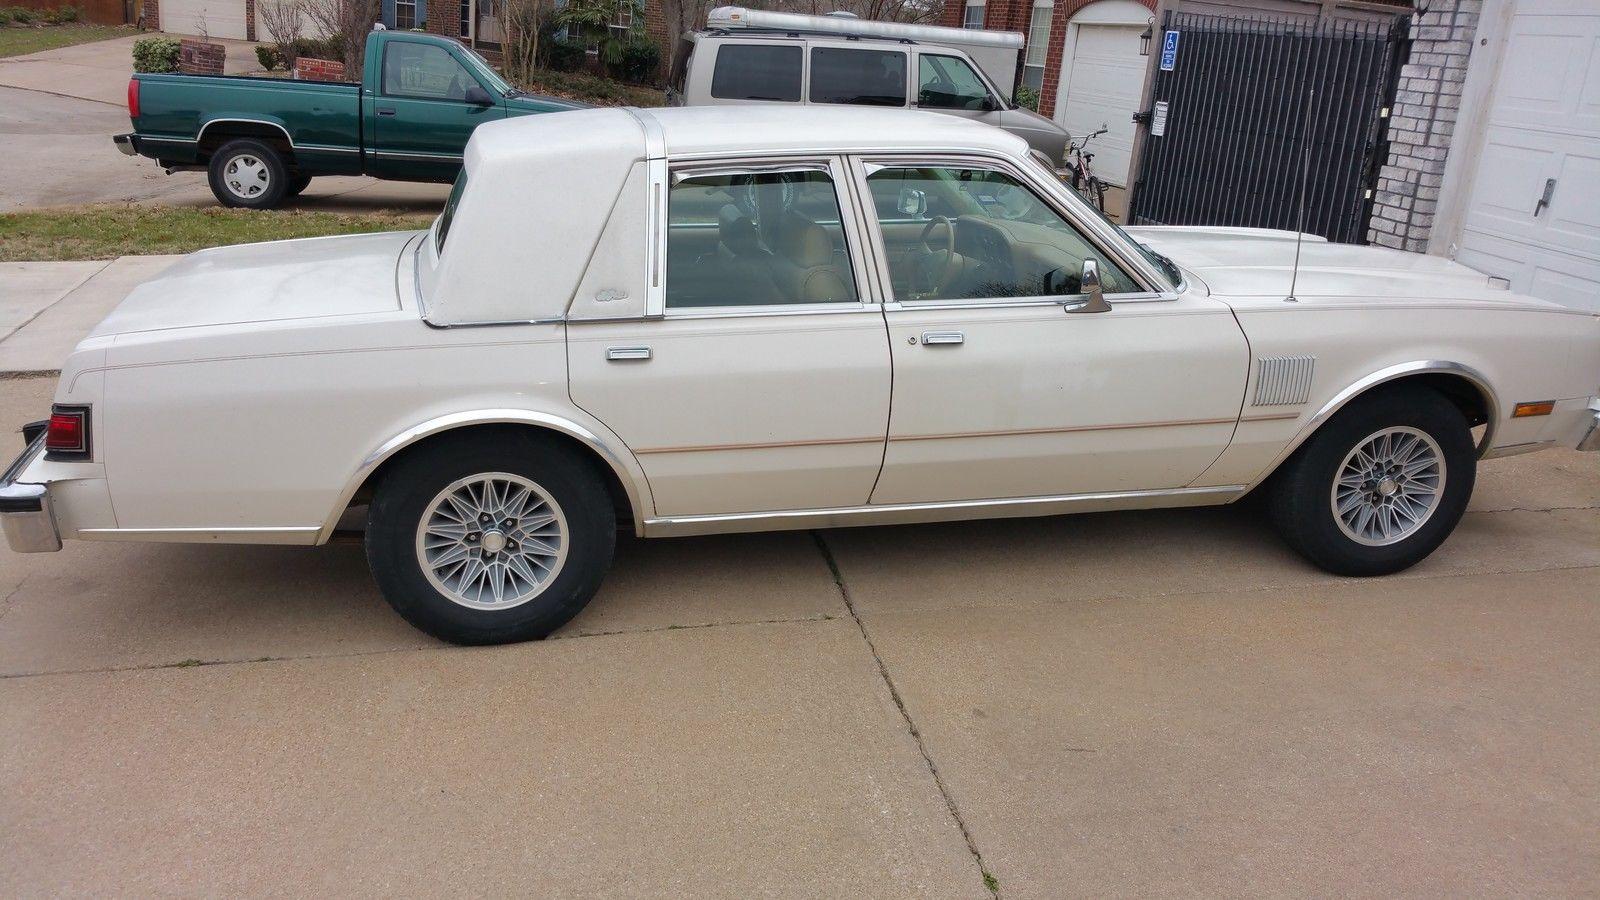 1987 chrysler fifth avenue base sedan 4 door 5 2l for sale in north richland hills texas. Black Bedroom Furniture Sets. Home Design Ideas